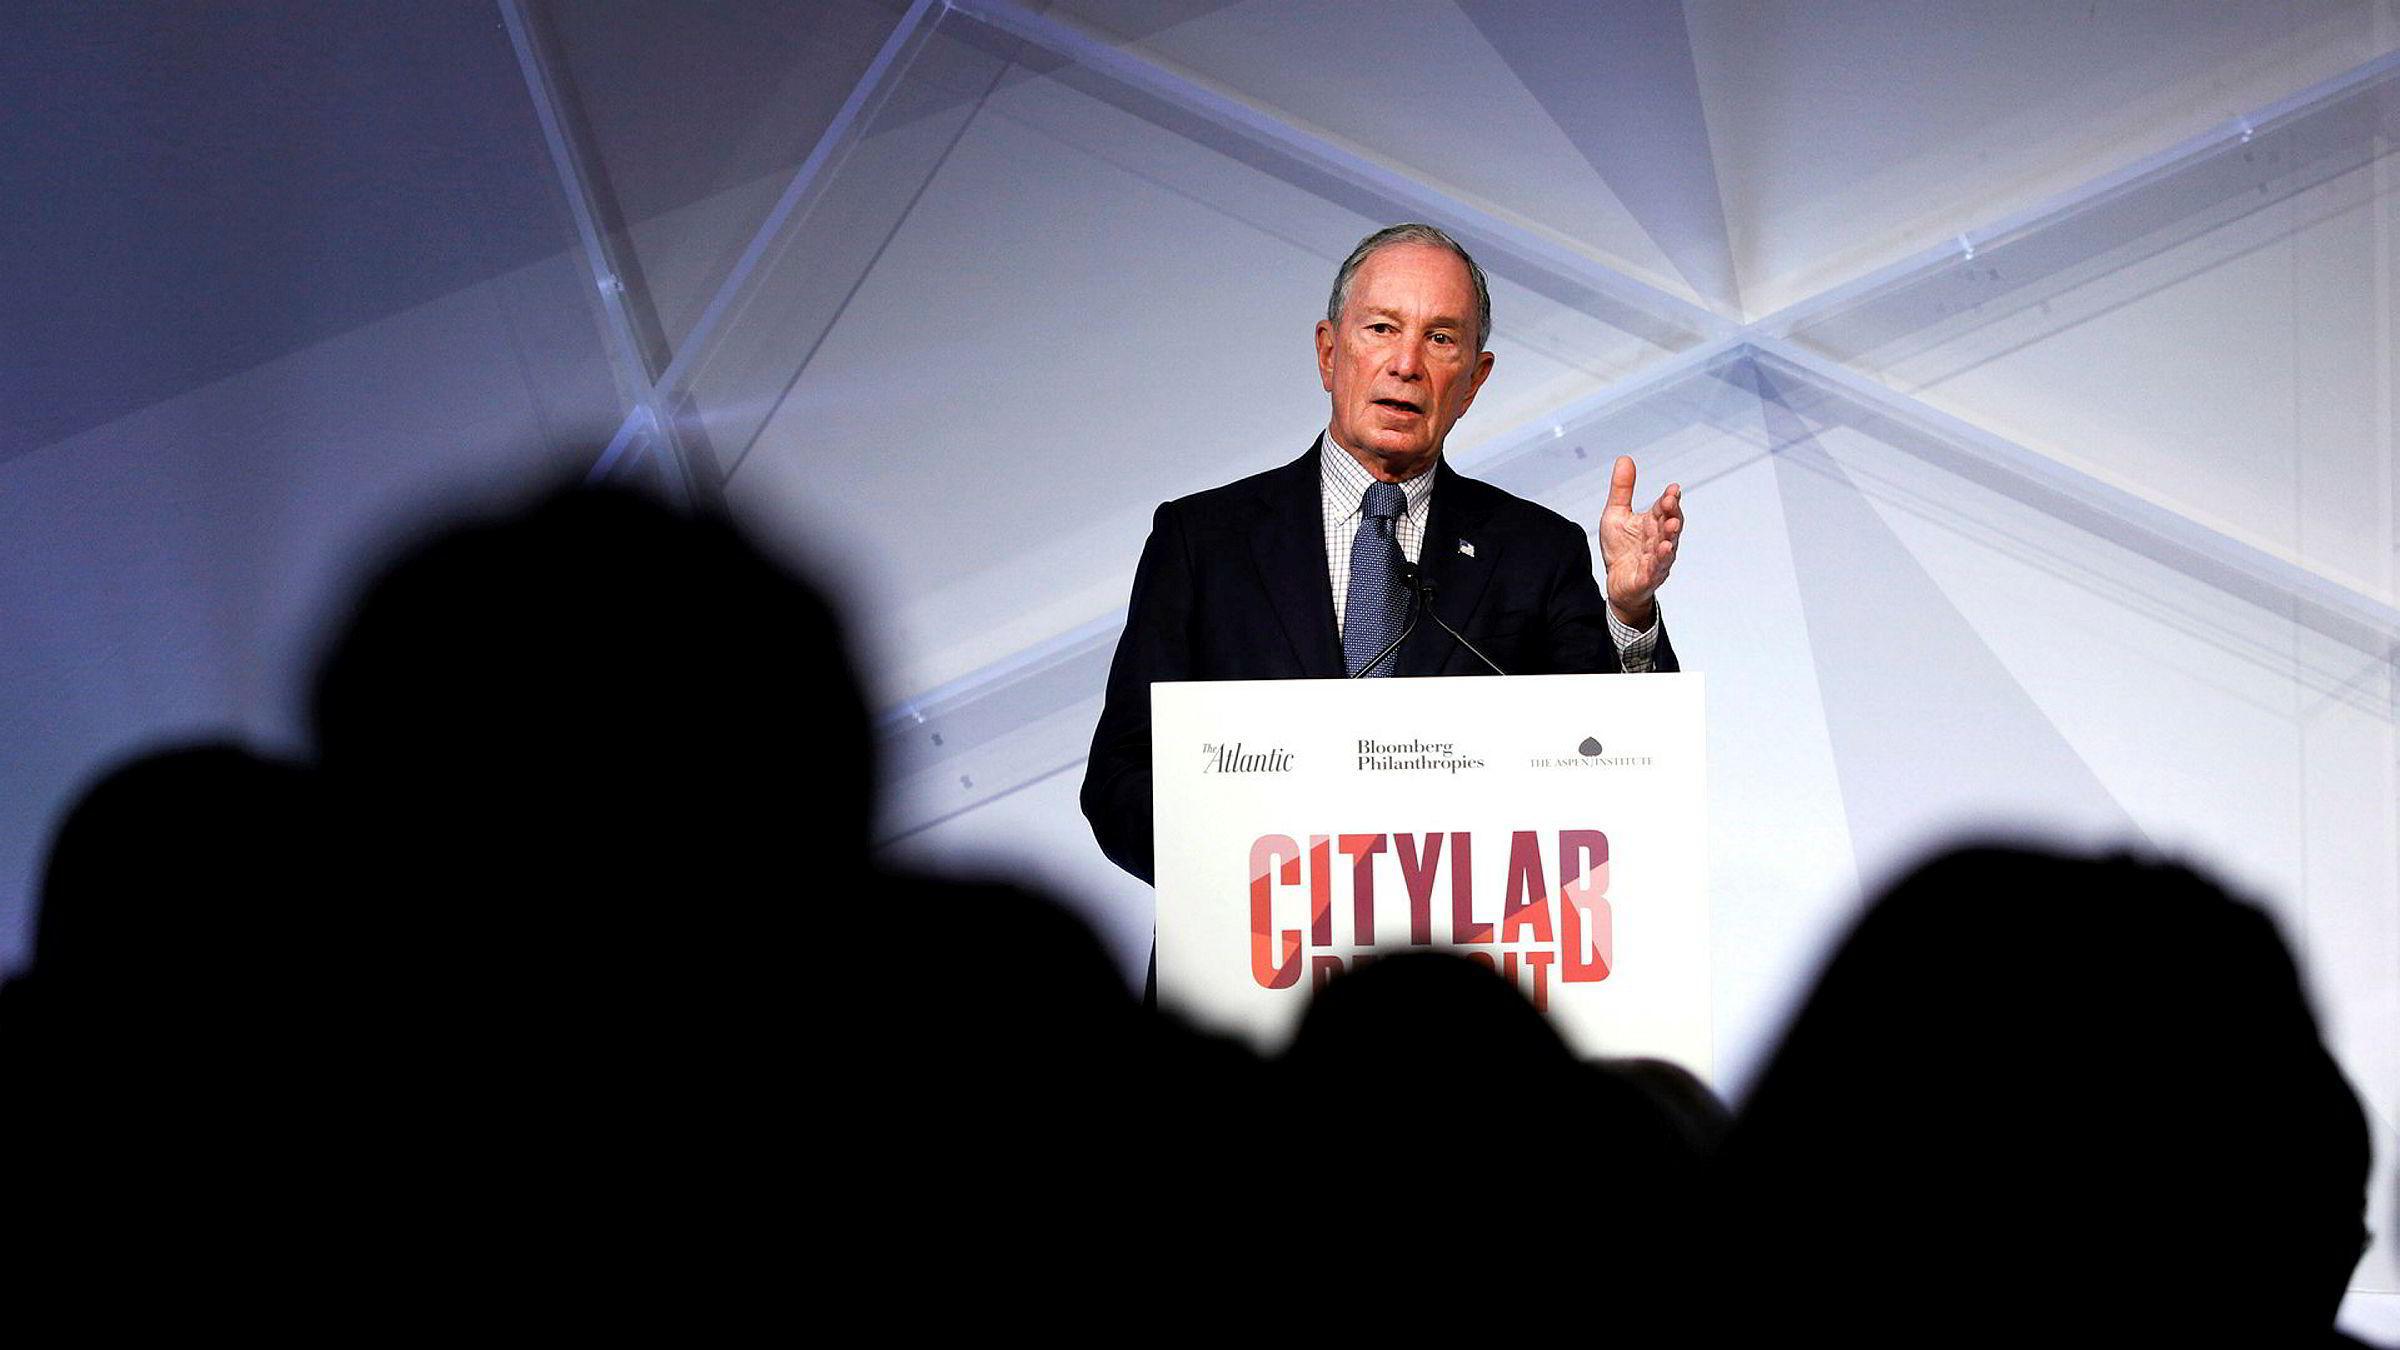 Ingen andre kandidater har brukt så mye penger på reklame i løpet av én uke, melder nyhetsbyrået Bloomberg , som er grunnlagt av den 77 år gamle milliardæren Michael Bloomberg.